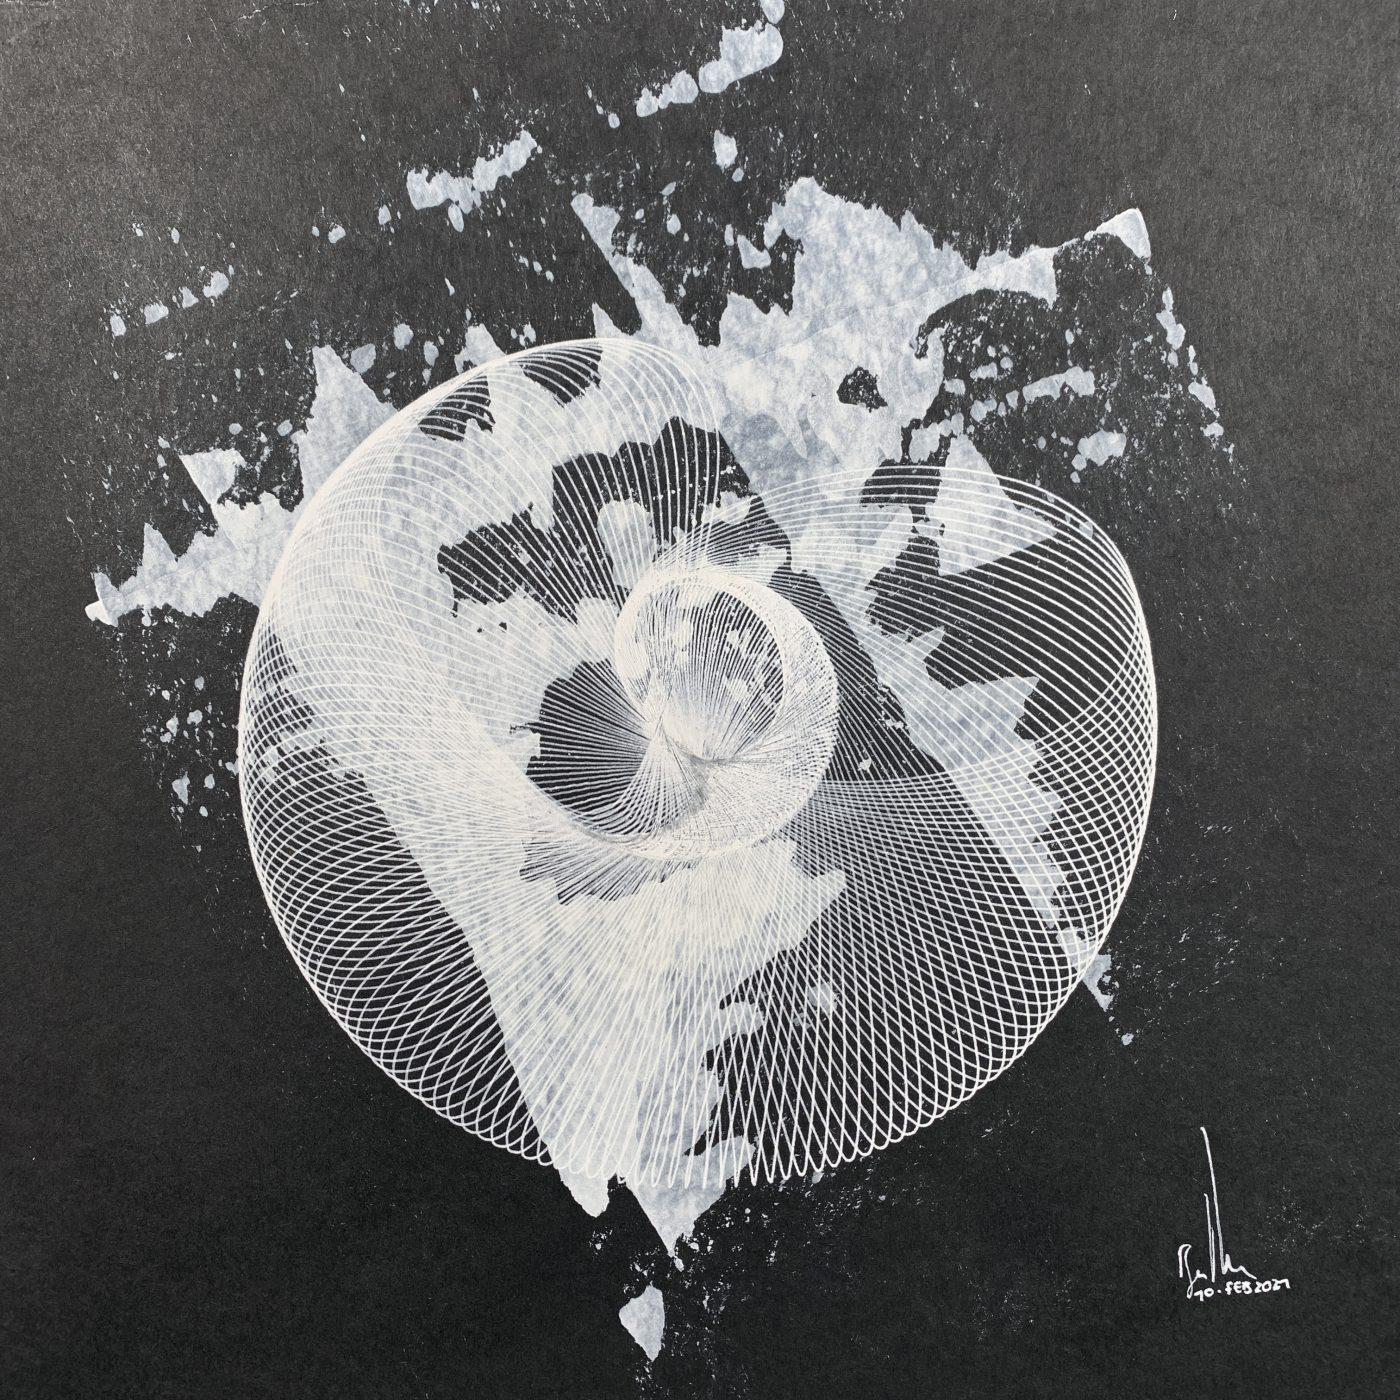 x407 - 10 Feb 2021